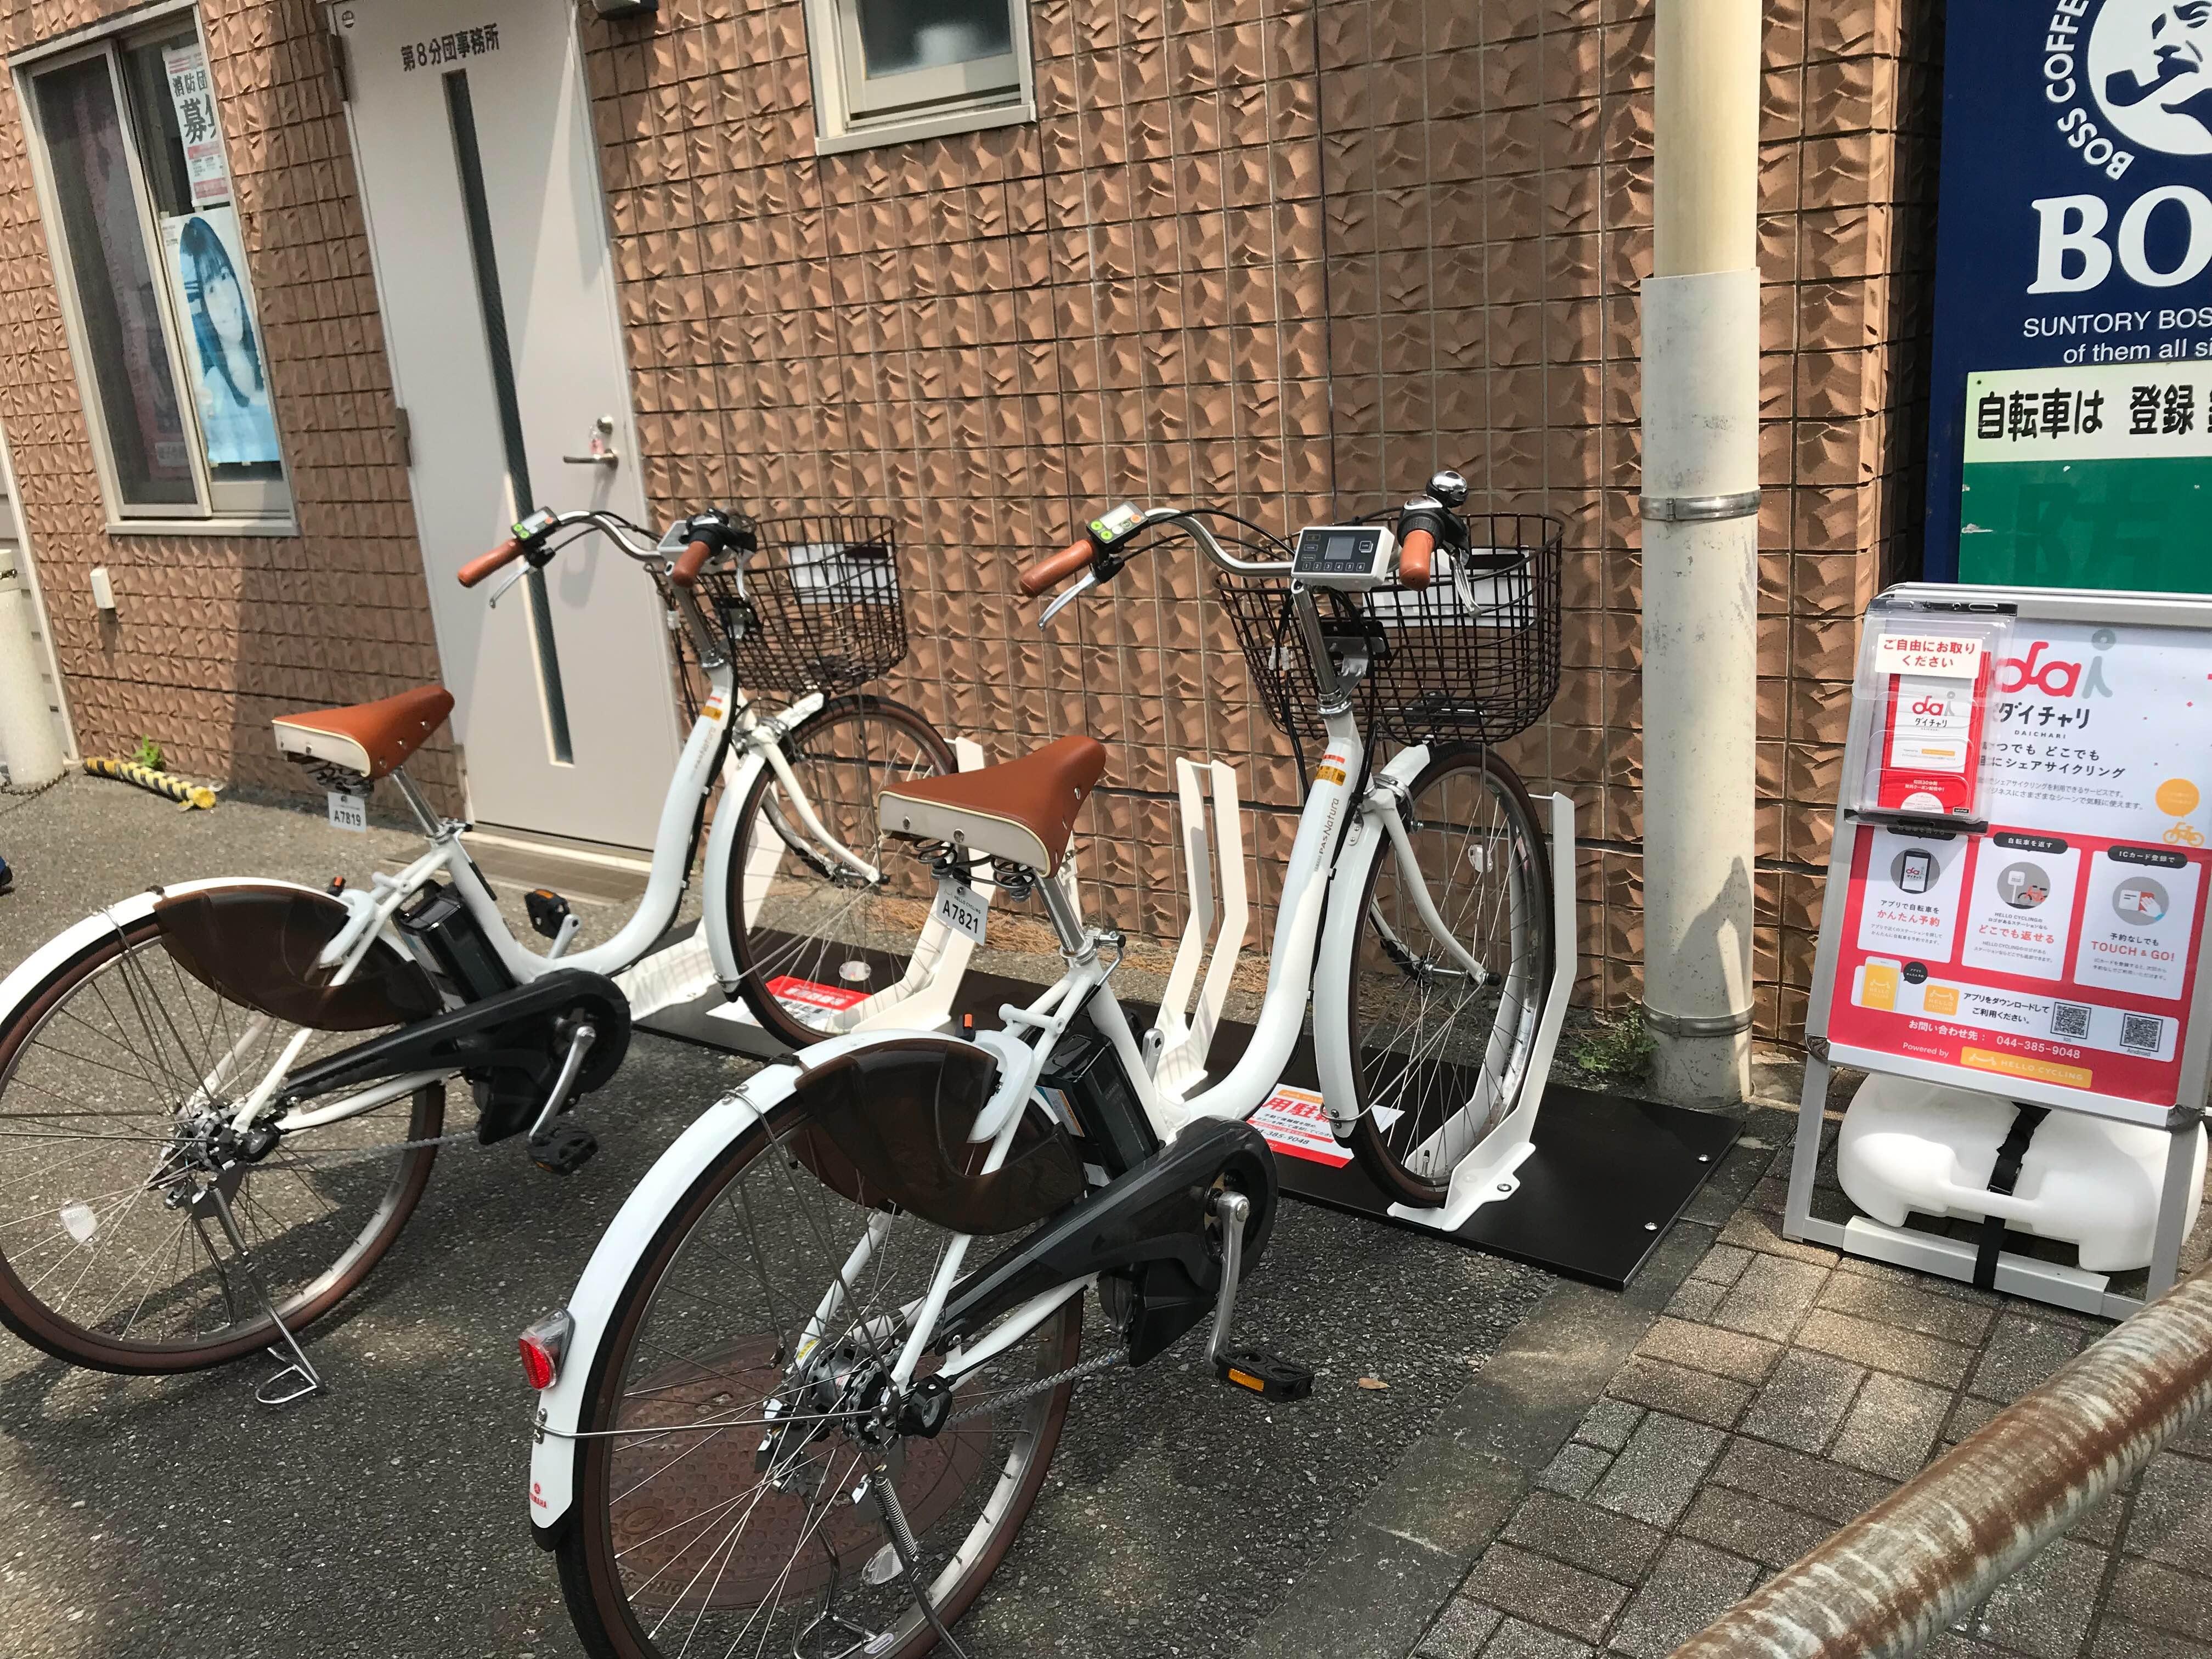 逗子市新宿会館 (HELLO CYCLING ポート) image